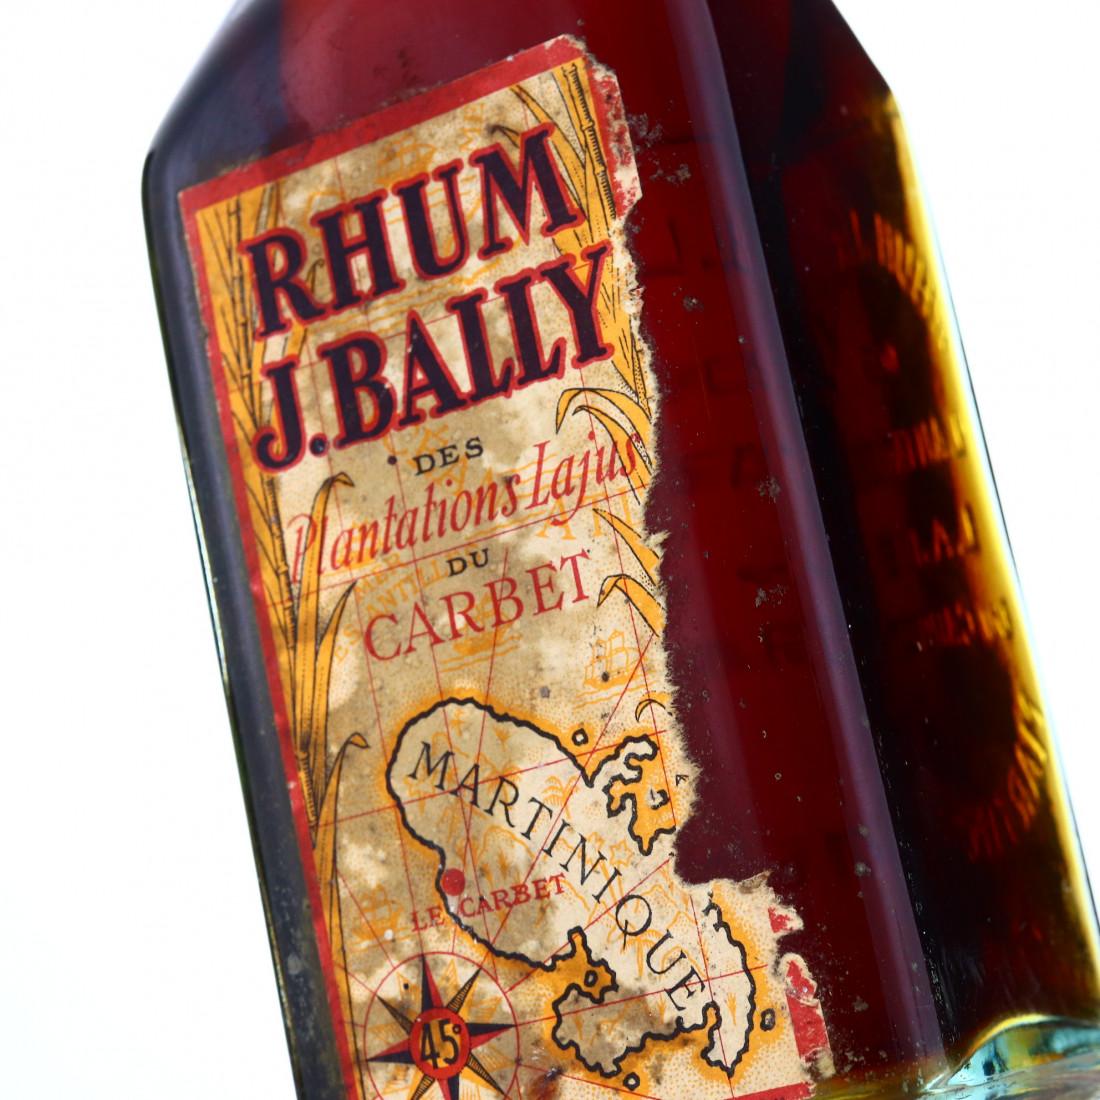 J. Bally 1947 Rhum Vieux